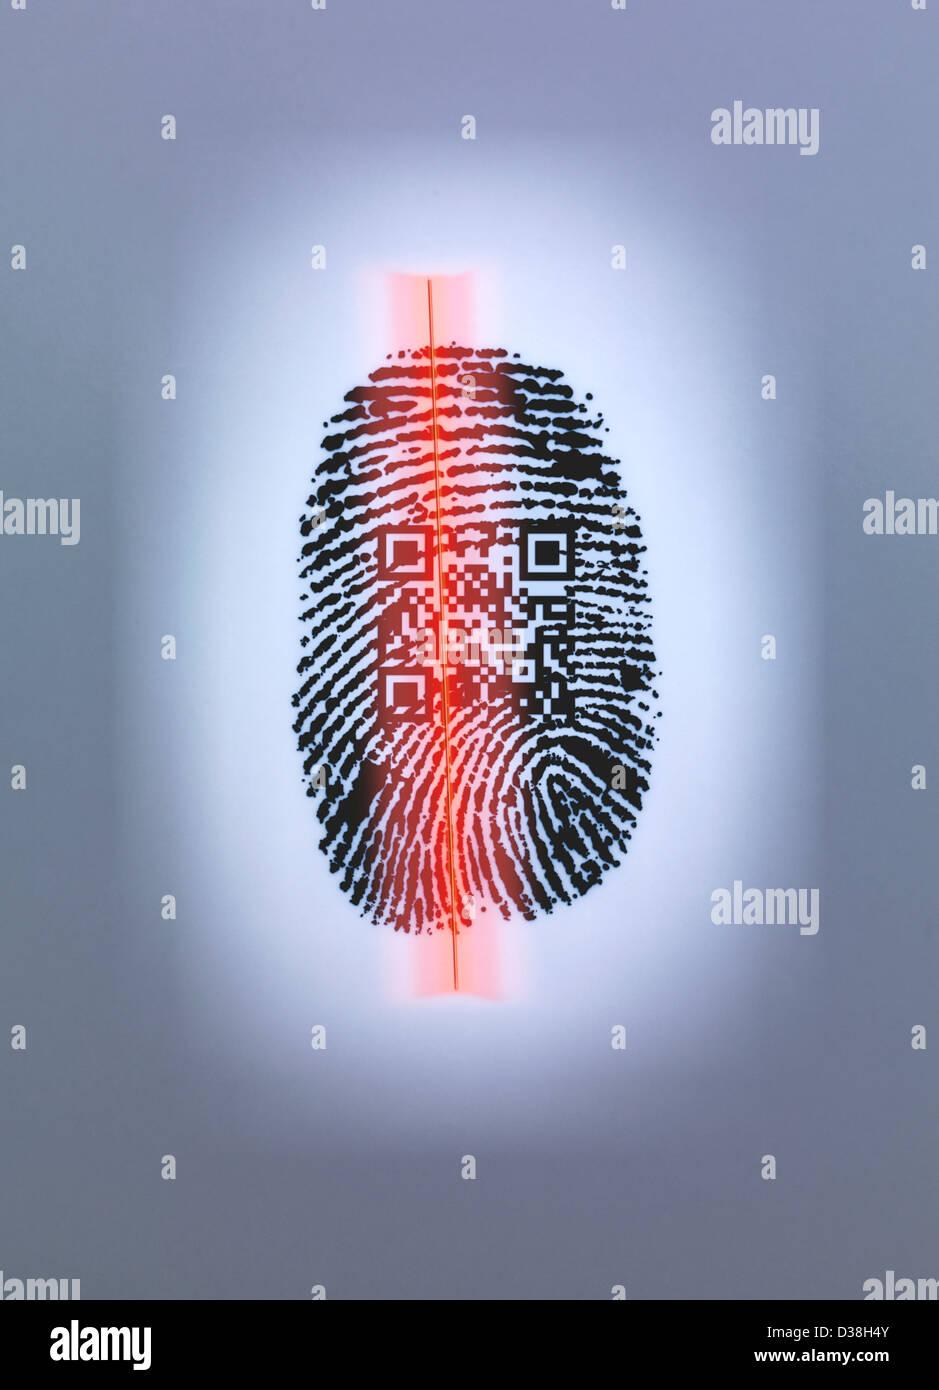 Las huellas dactilares y el código QR en el escáner Foto de stock